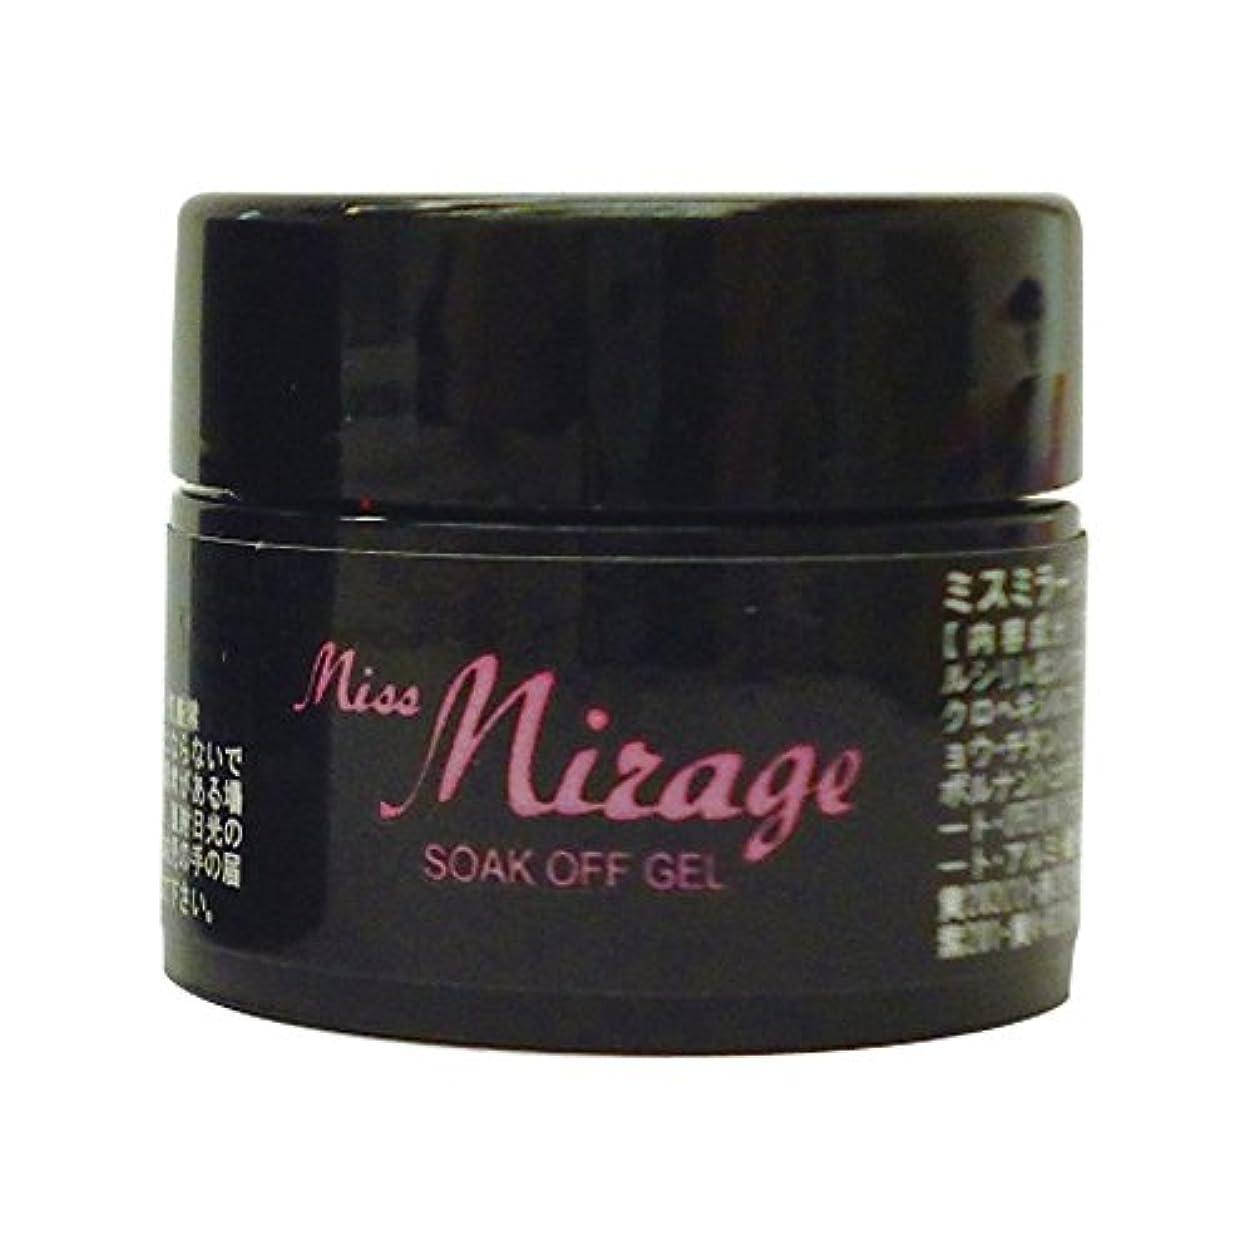 清めるダニ出力Miss Mirage(ミスミラージュ) Miss Mirage カラージェル M143S 2.5g スモーキーオレンジ UV/LED対応 ジェルネイル